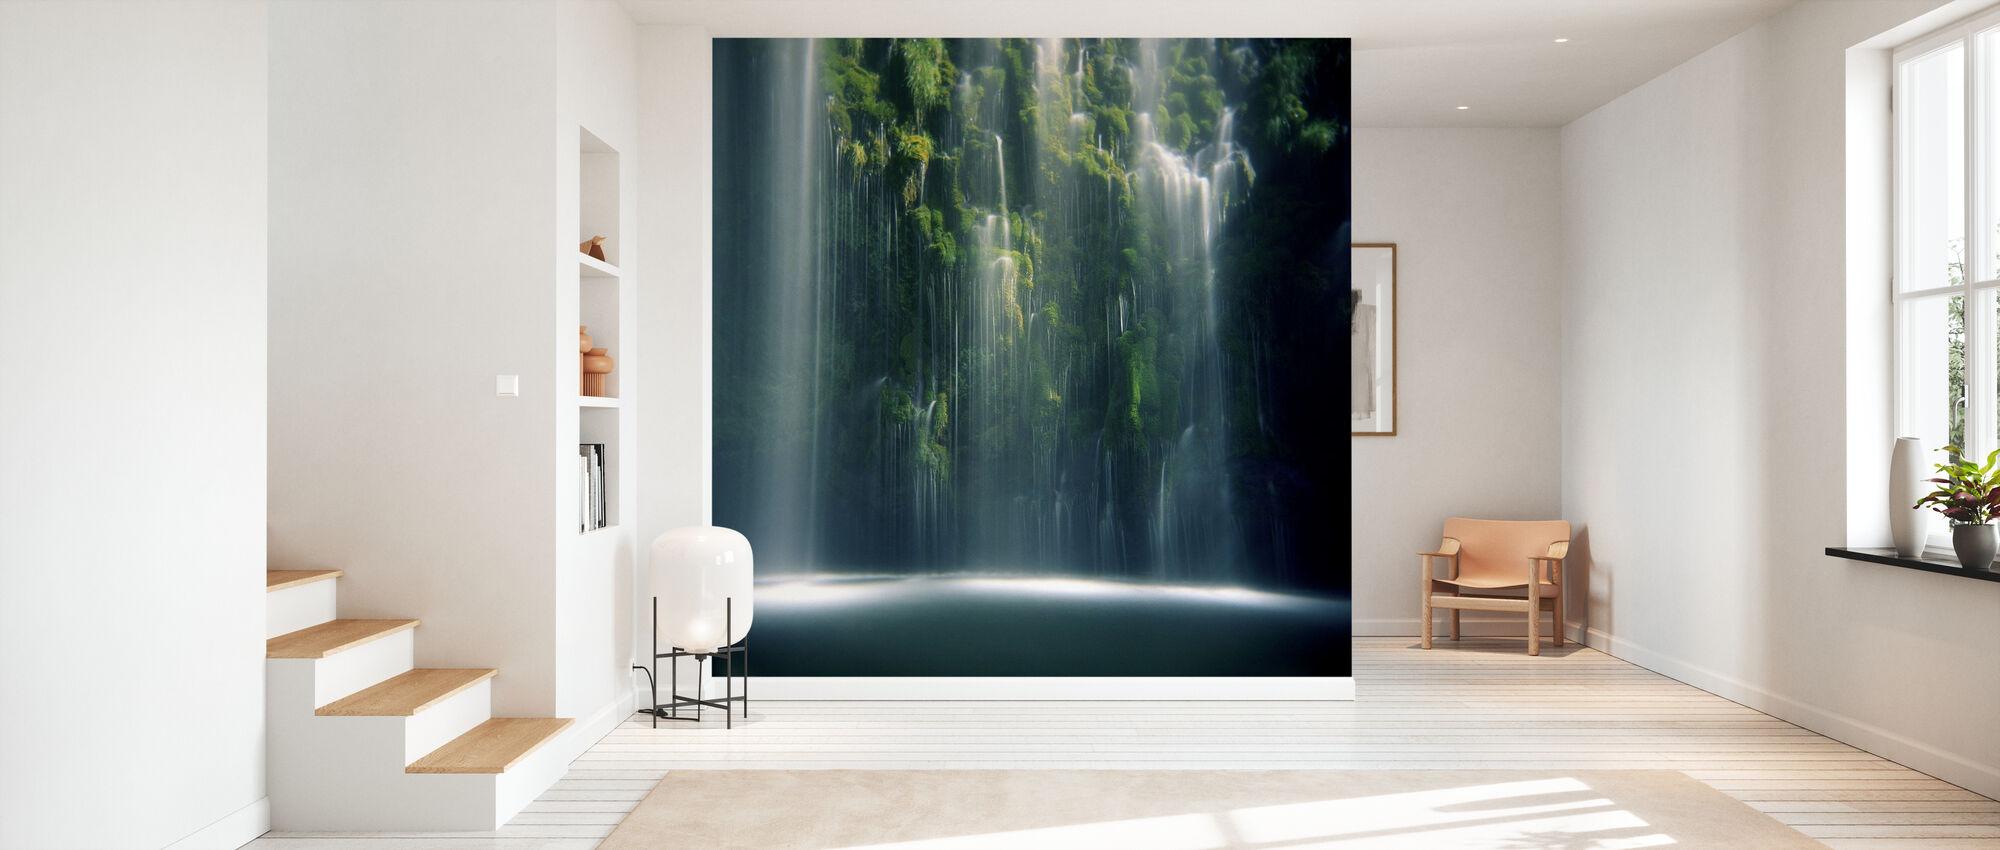 Mossbrae Falls in Sunlight - Wallpaper - Hallway